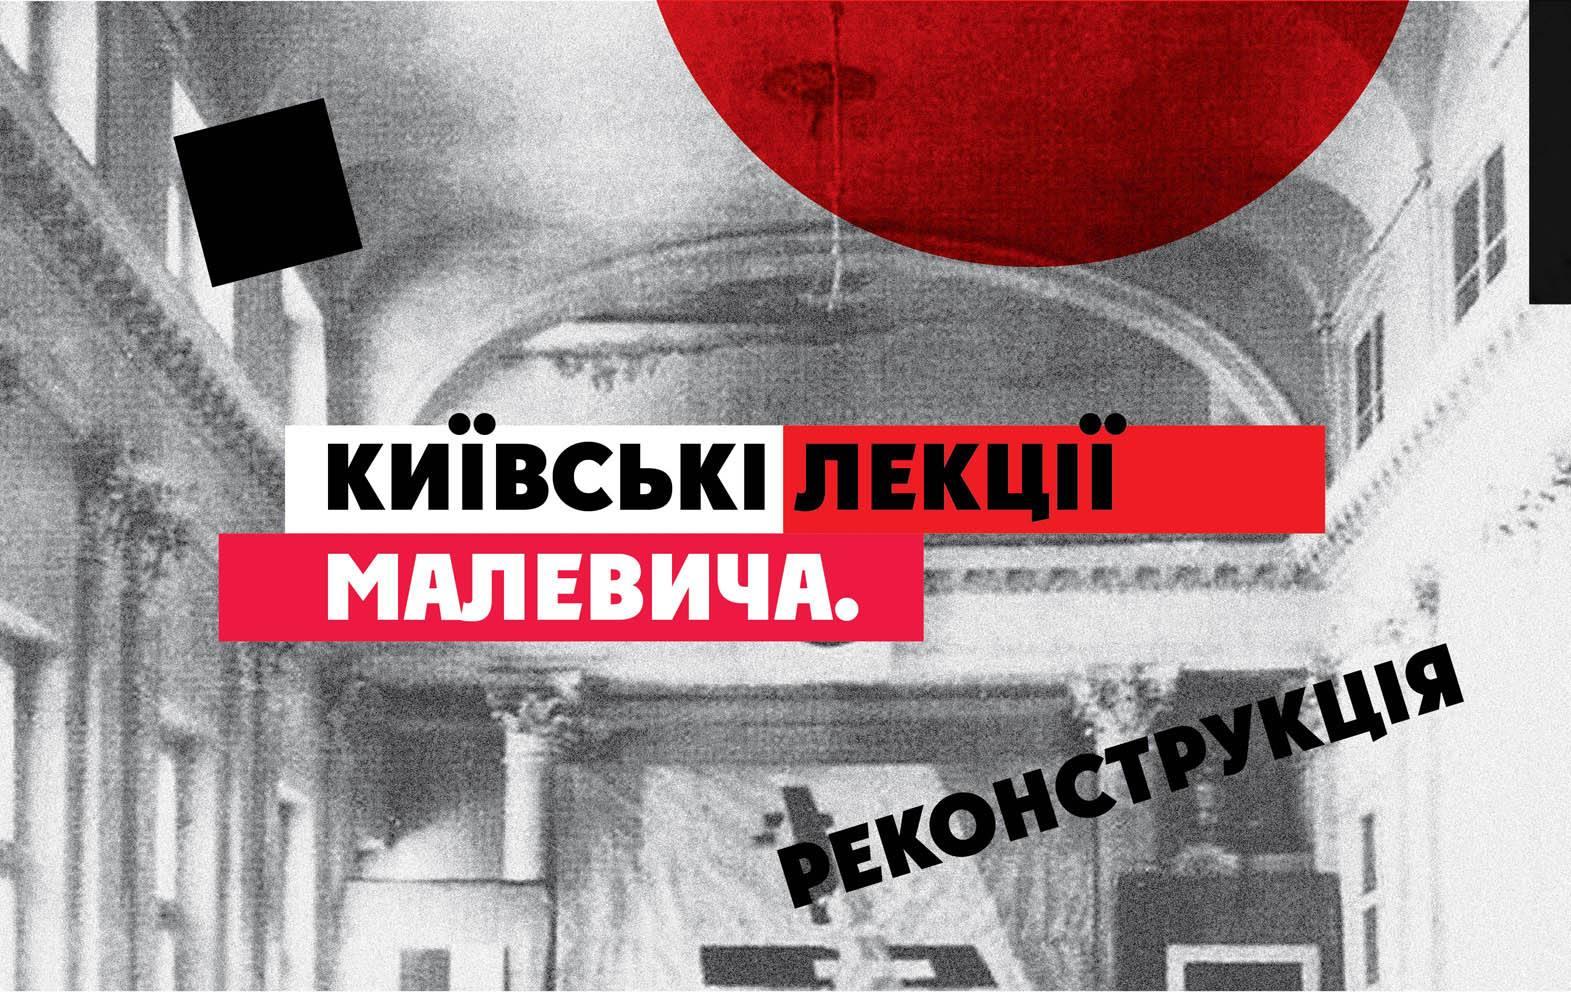 Киевские лекции Малевича. Реконструкция_image